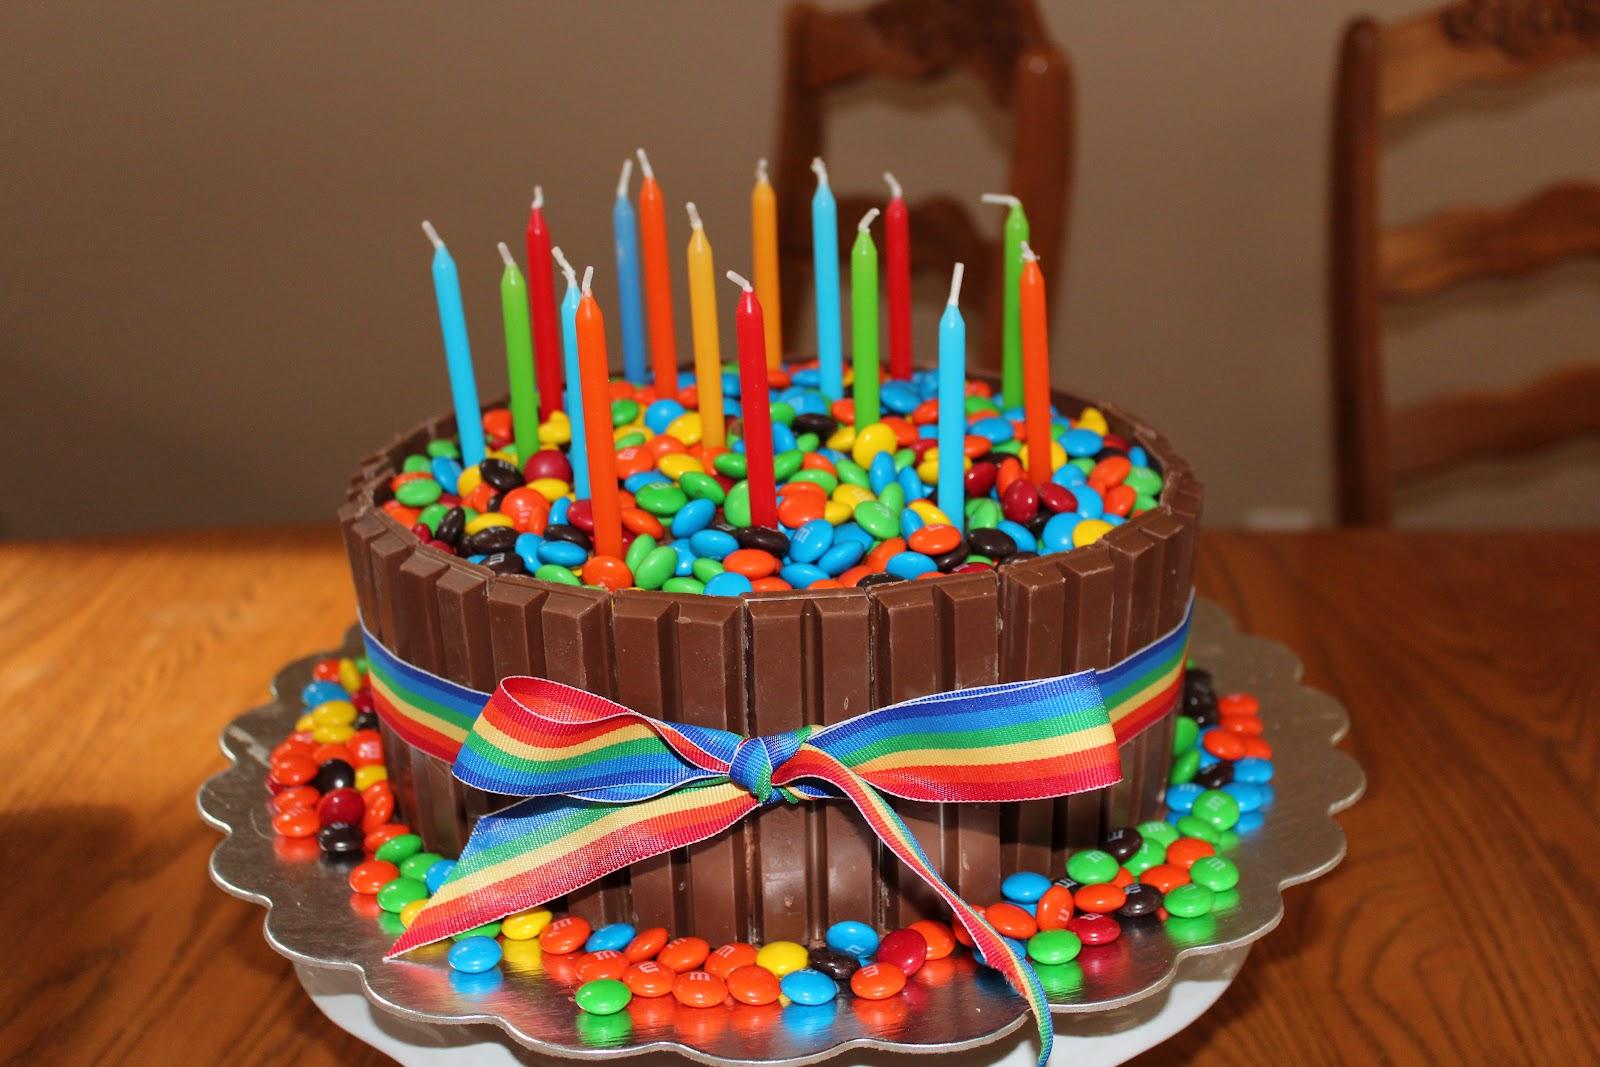 праздничный торт своими руками пошагово с фото всём